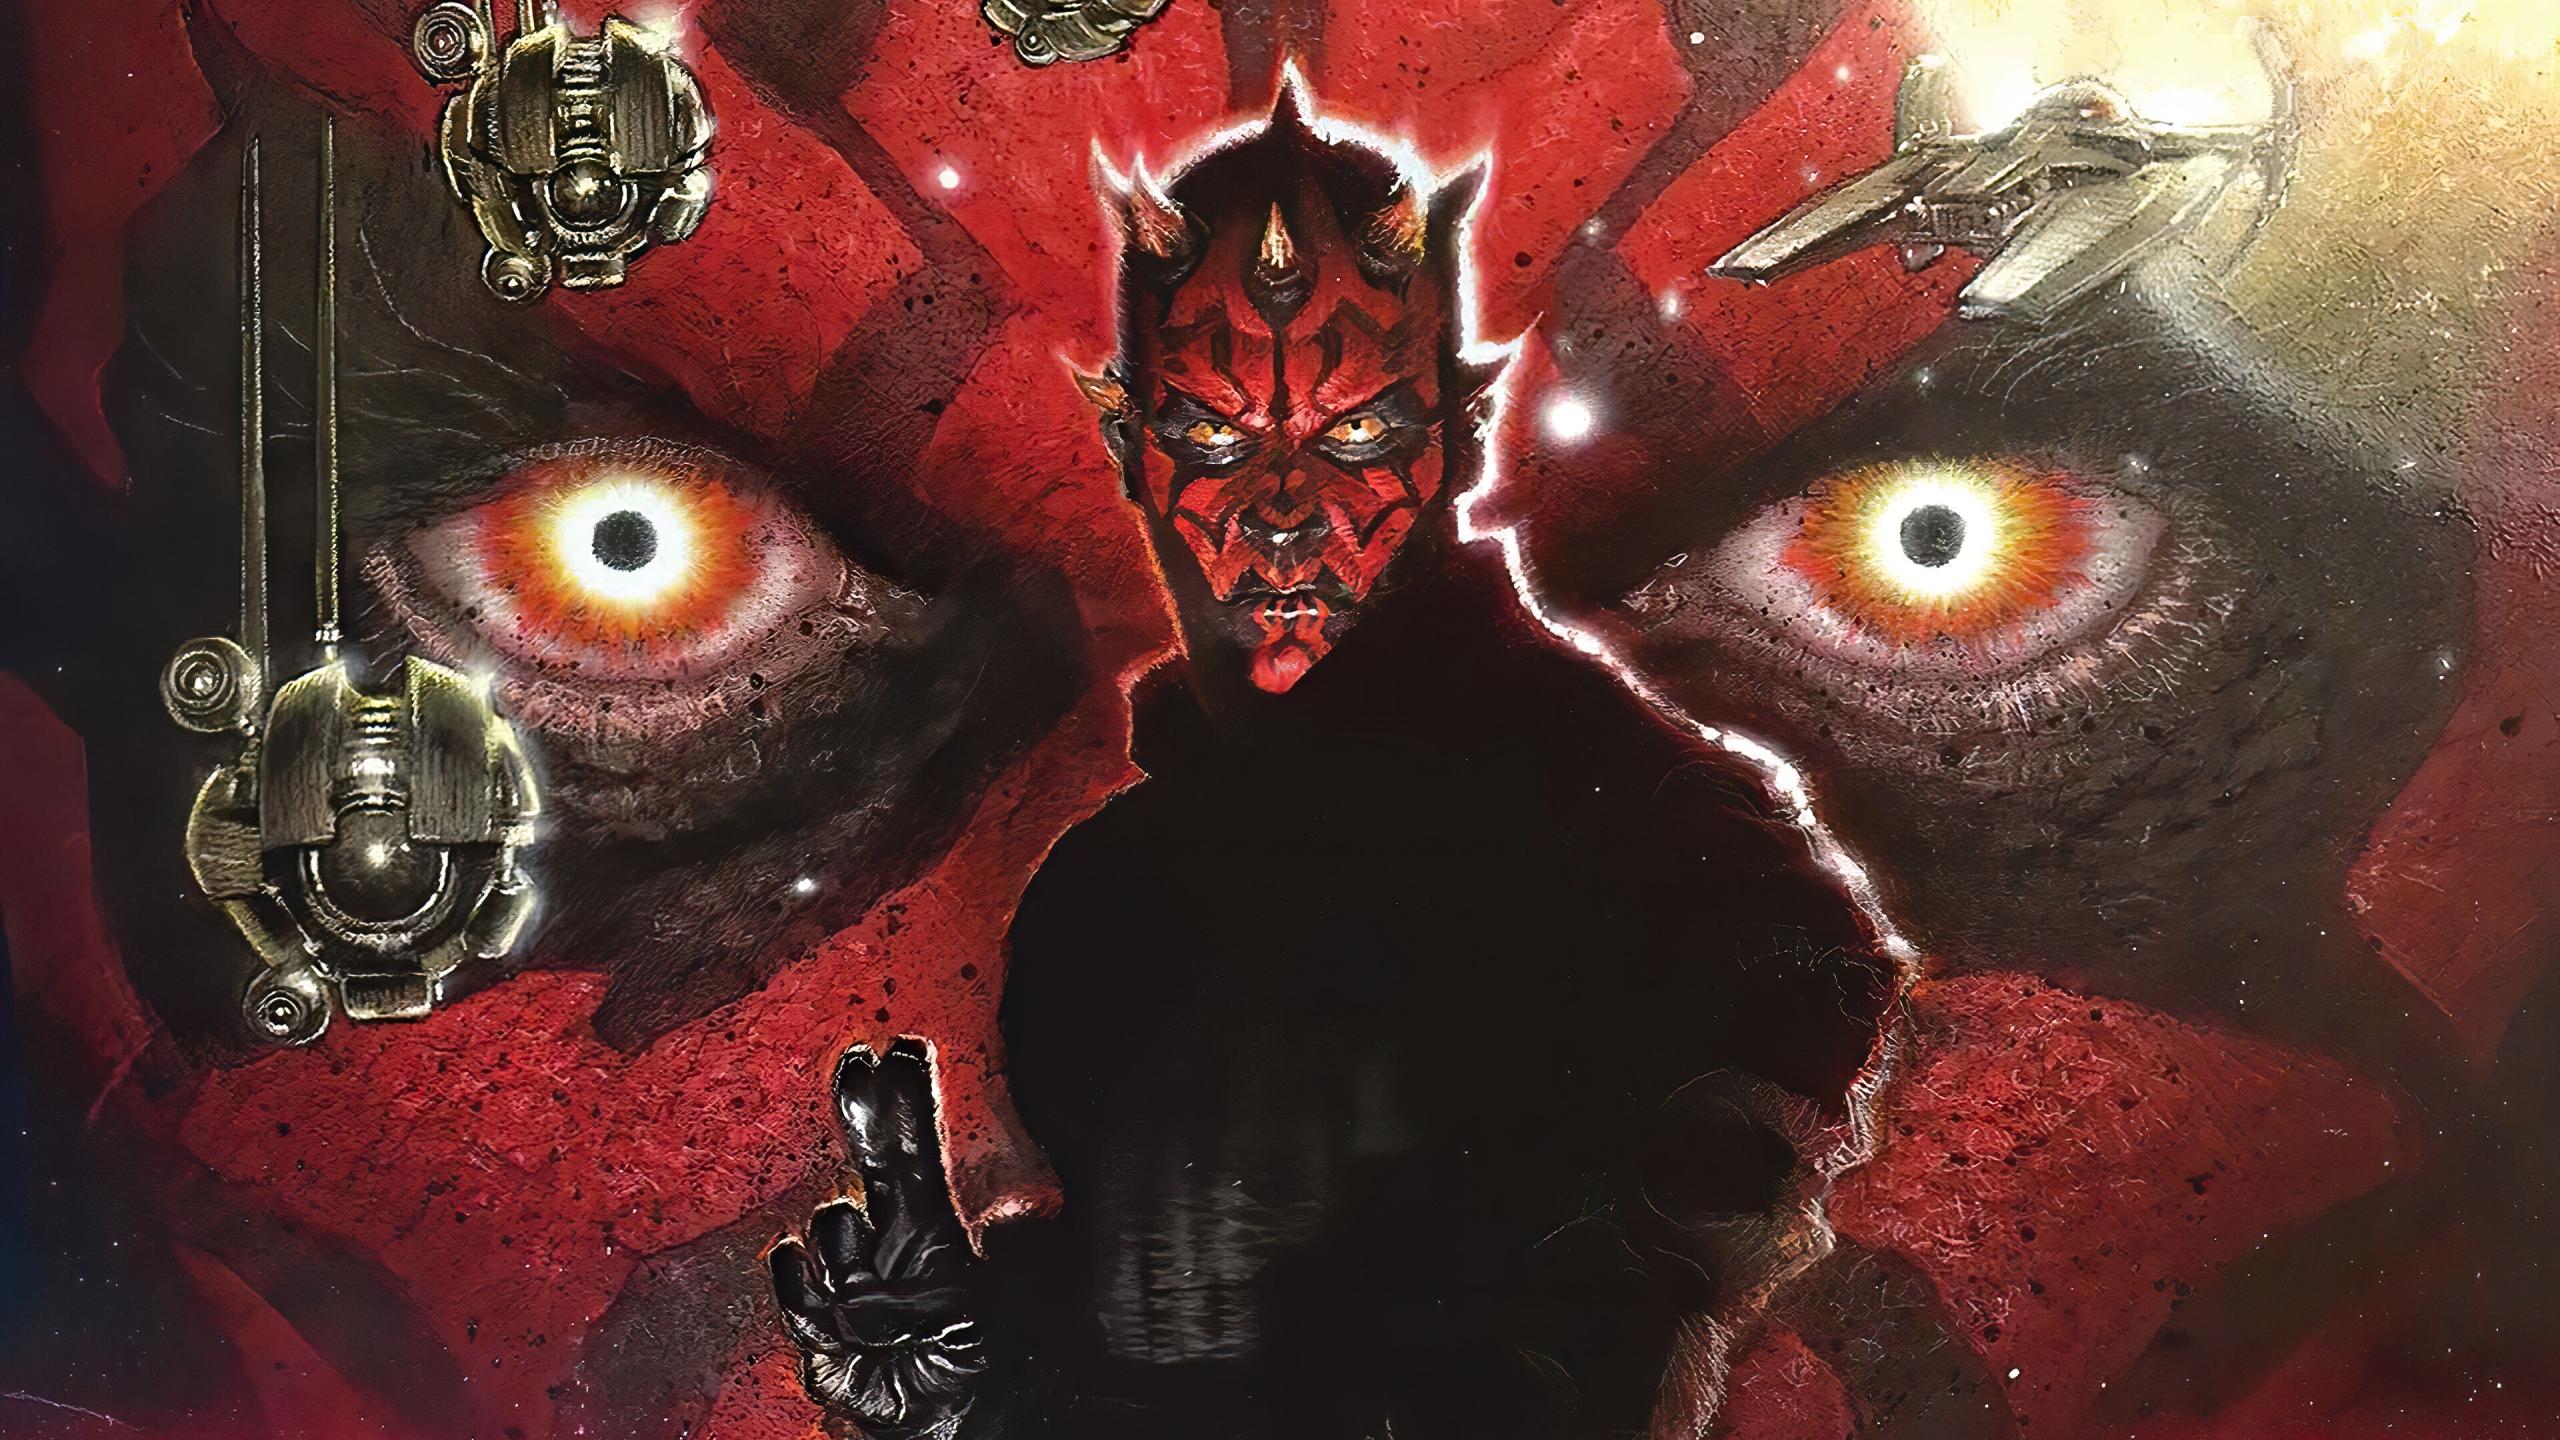 Darth Maul From Star Wars Wallpaper 4k Ultra Hd Id 5710